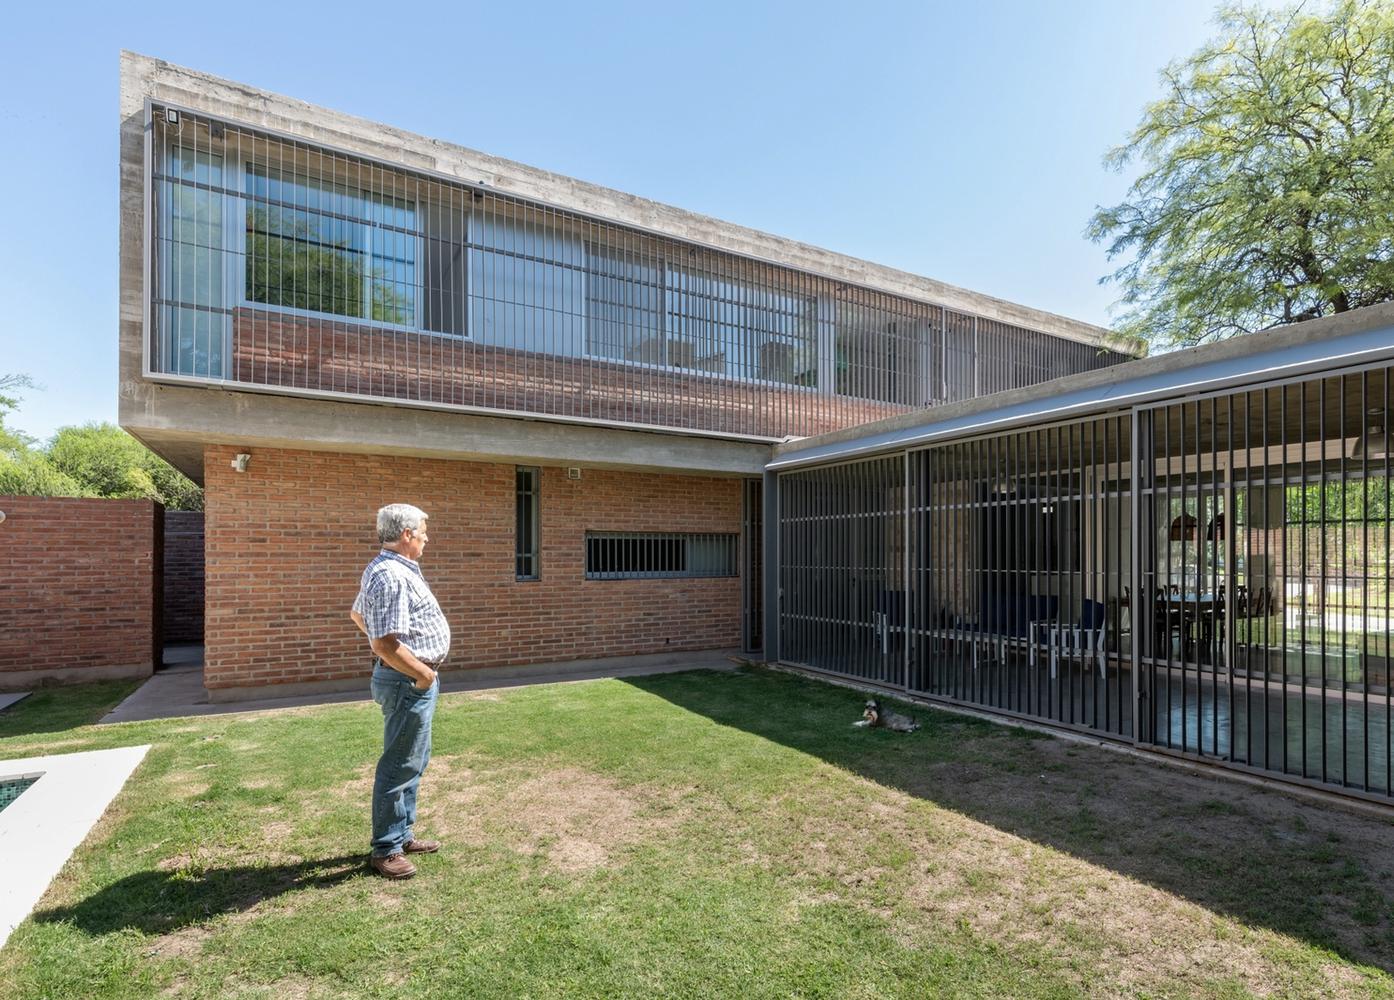 Esquemas funcionales: estrategias de organización programática en casas de Argentina,CASA MC2 / Gastón Castellano. Image © Gonzalo Viramonte